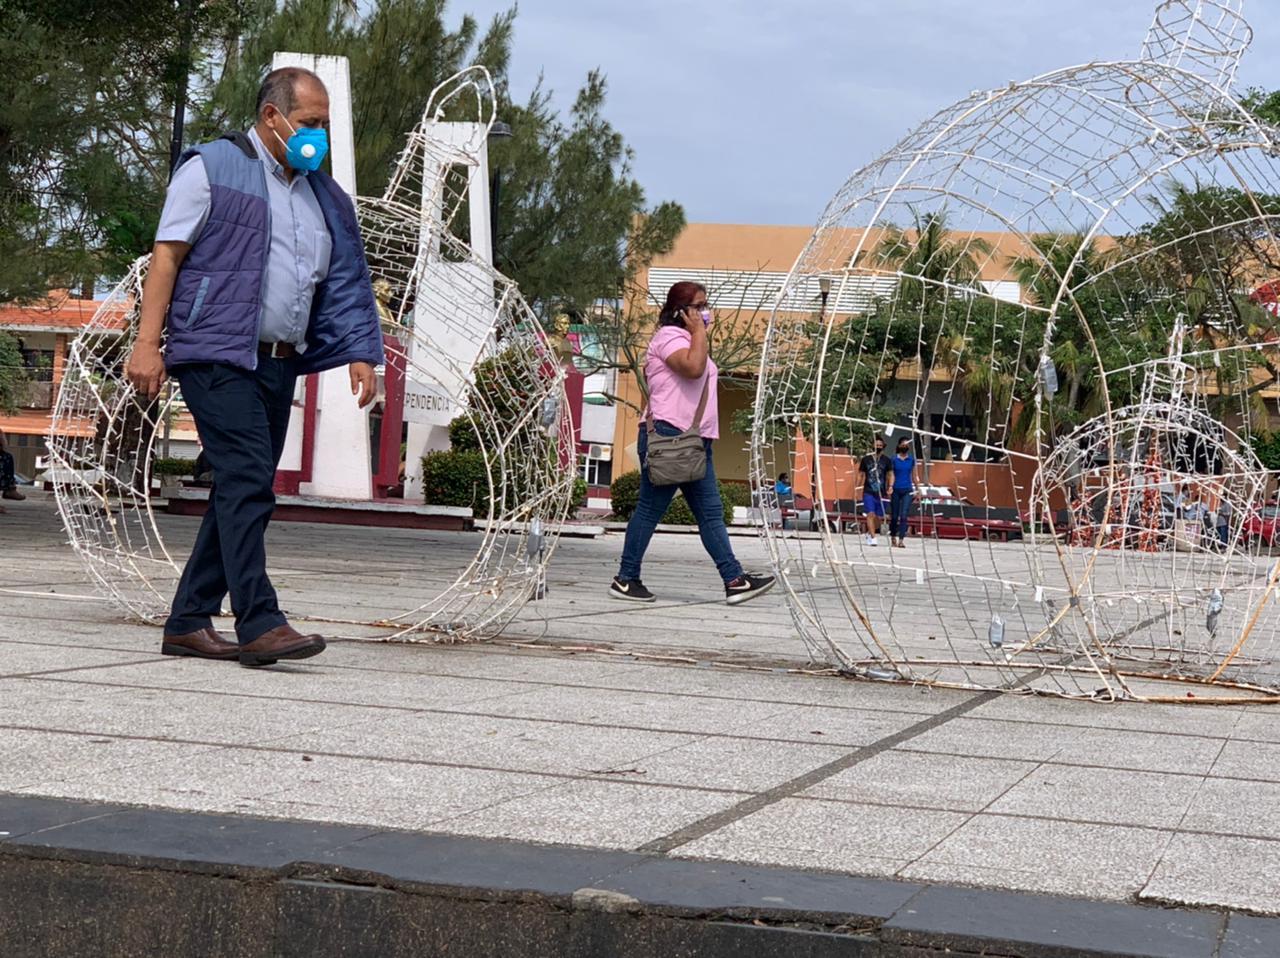 Ciudadanos de Coatzacoalcos piden endurecer medidas sanitarias para evitar contagios de COVID-19